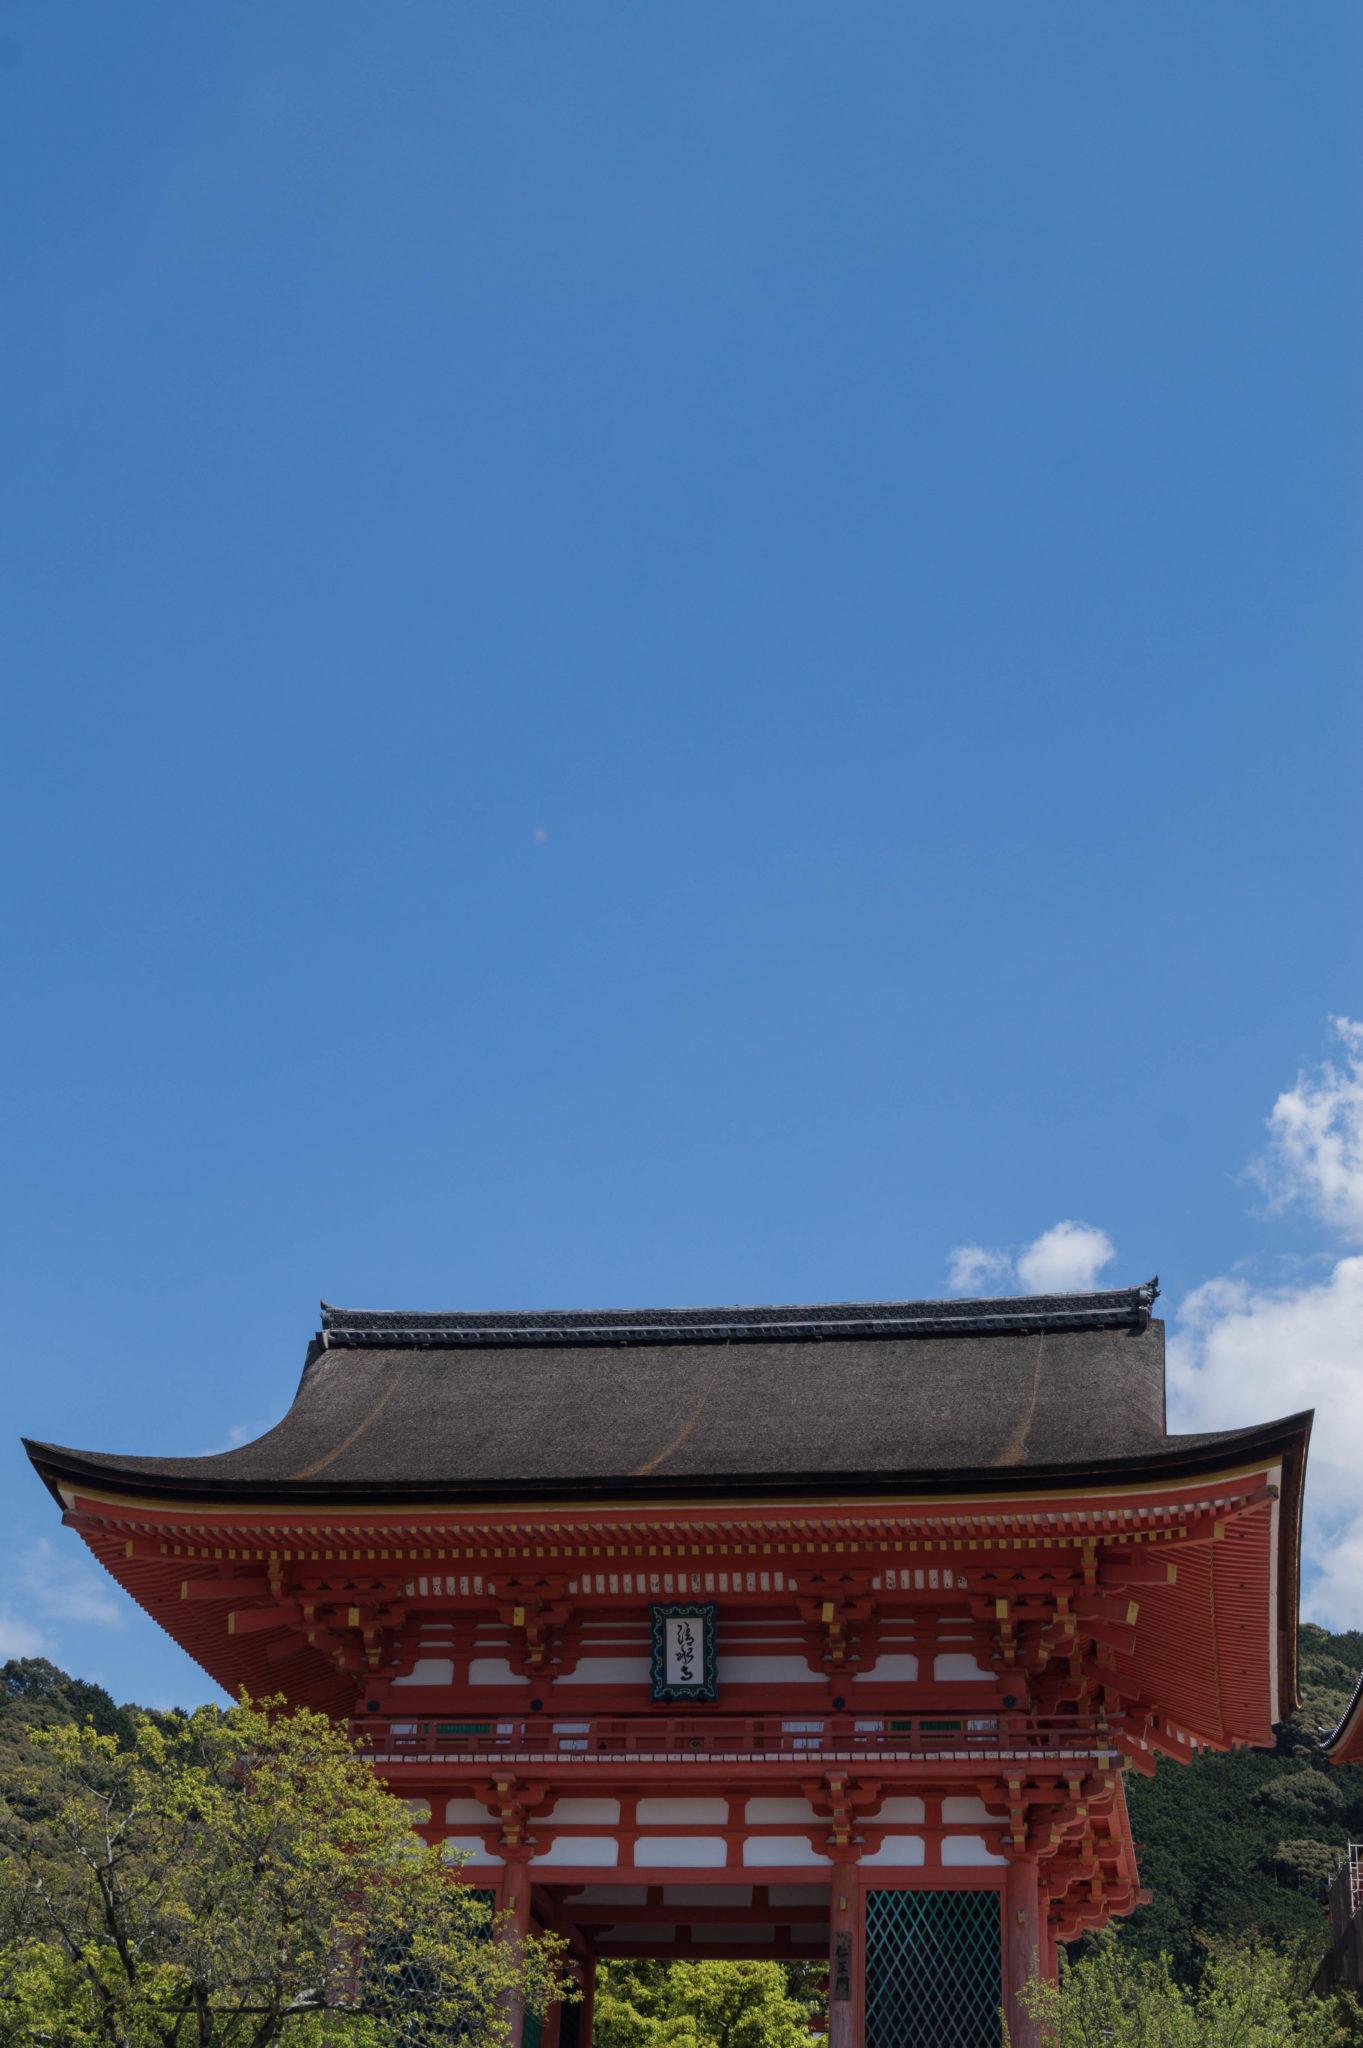 Die Tempel von Kyoto erstrahlen in hellem Rot.